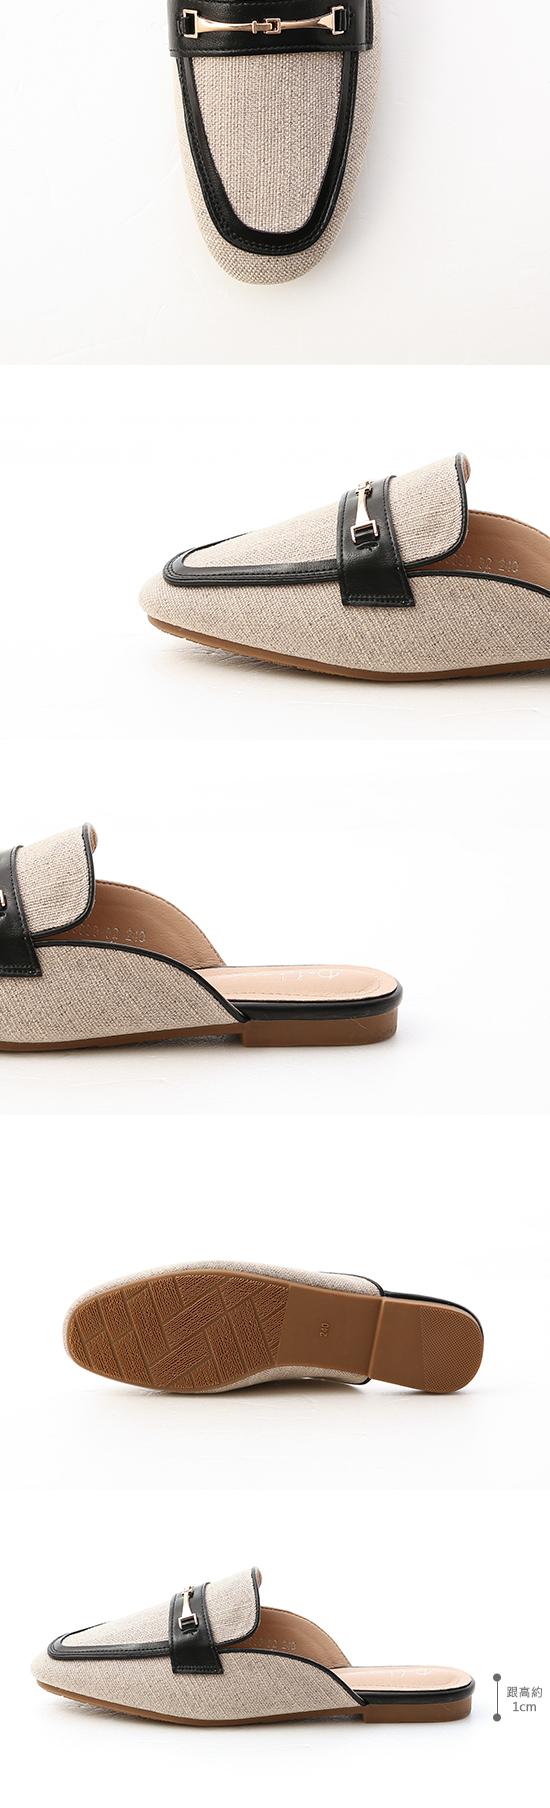 愜意經典.馬銜釦拼接平底穆勒鞋 時尚黑